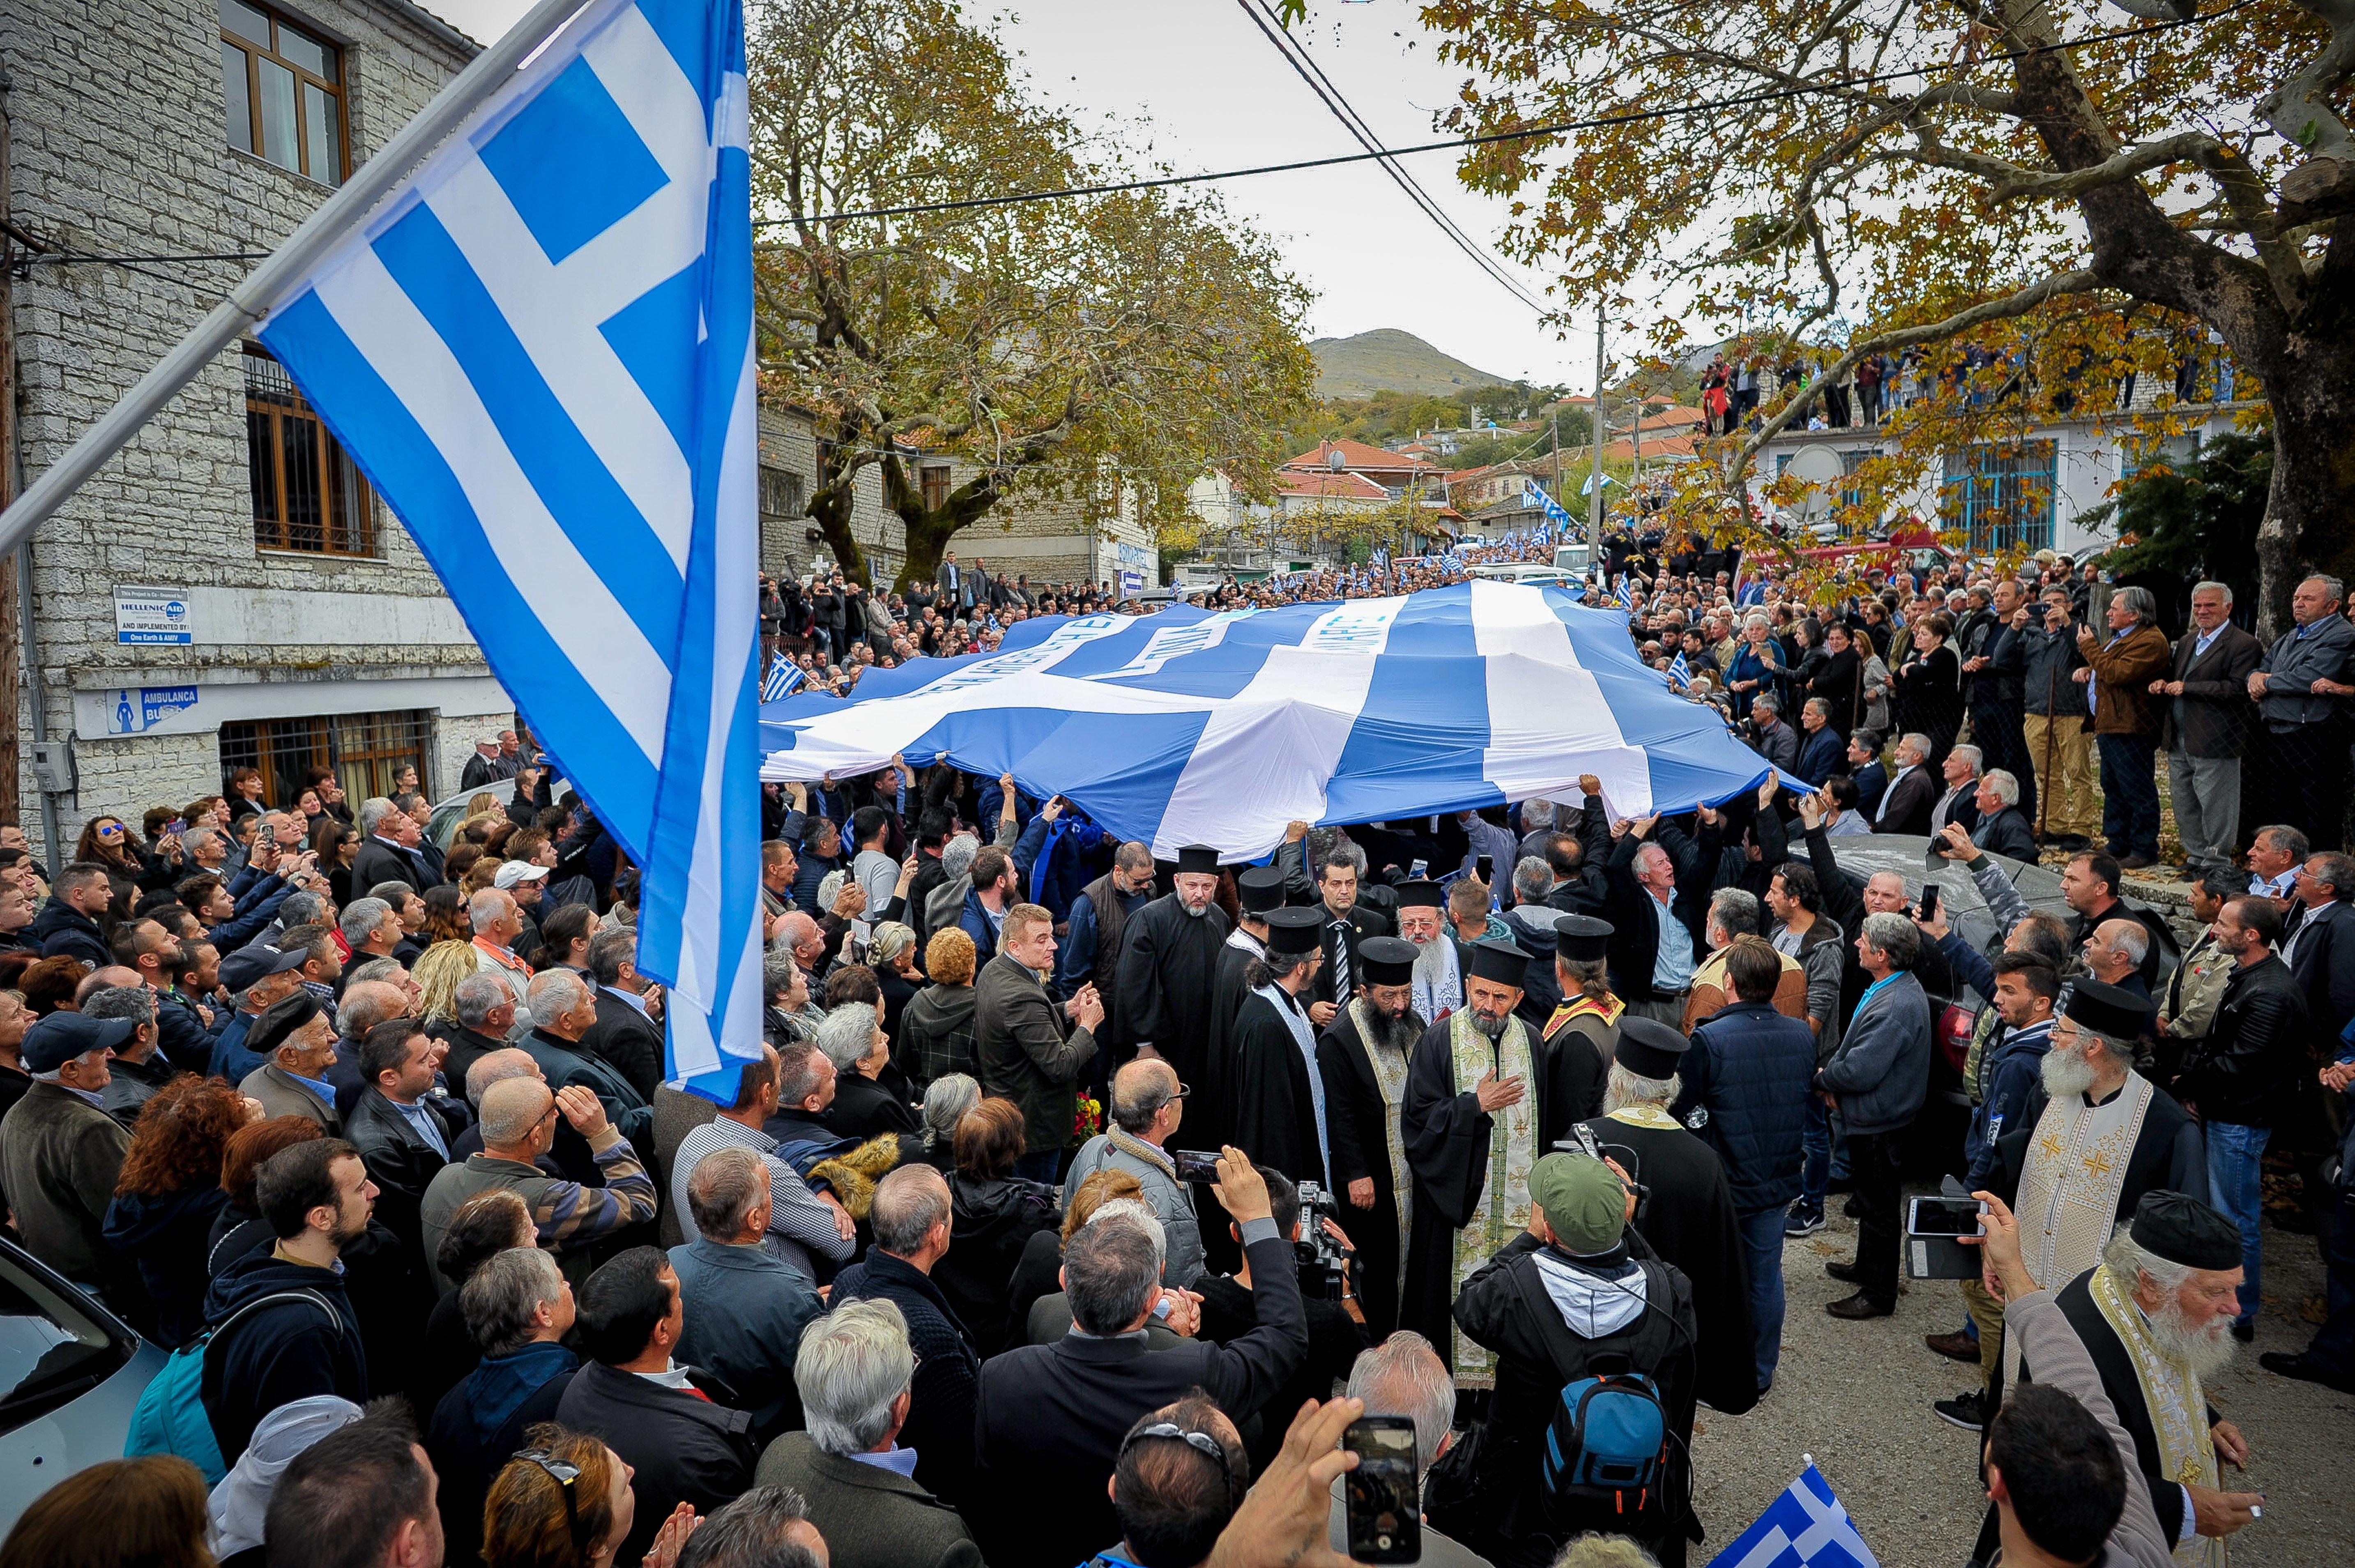 Ανεπιθύμητοι στην Αλβανία 52 Έλληνες που βρέθηκαν στην κηδεία